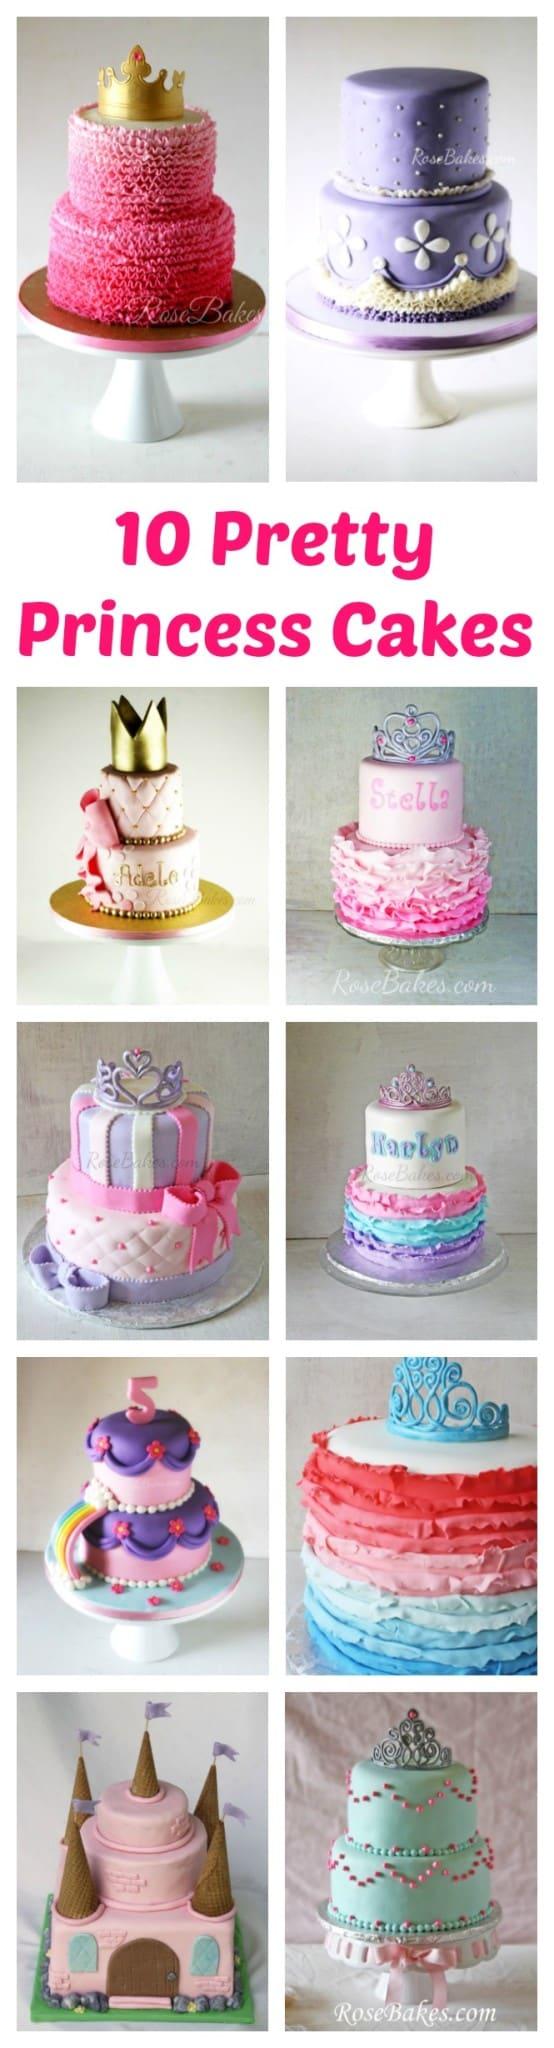 10 Pretty Princess Cakes by RoseBakes